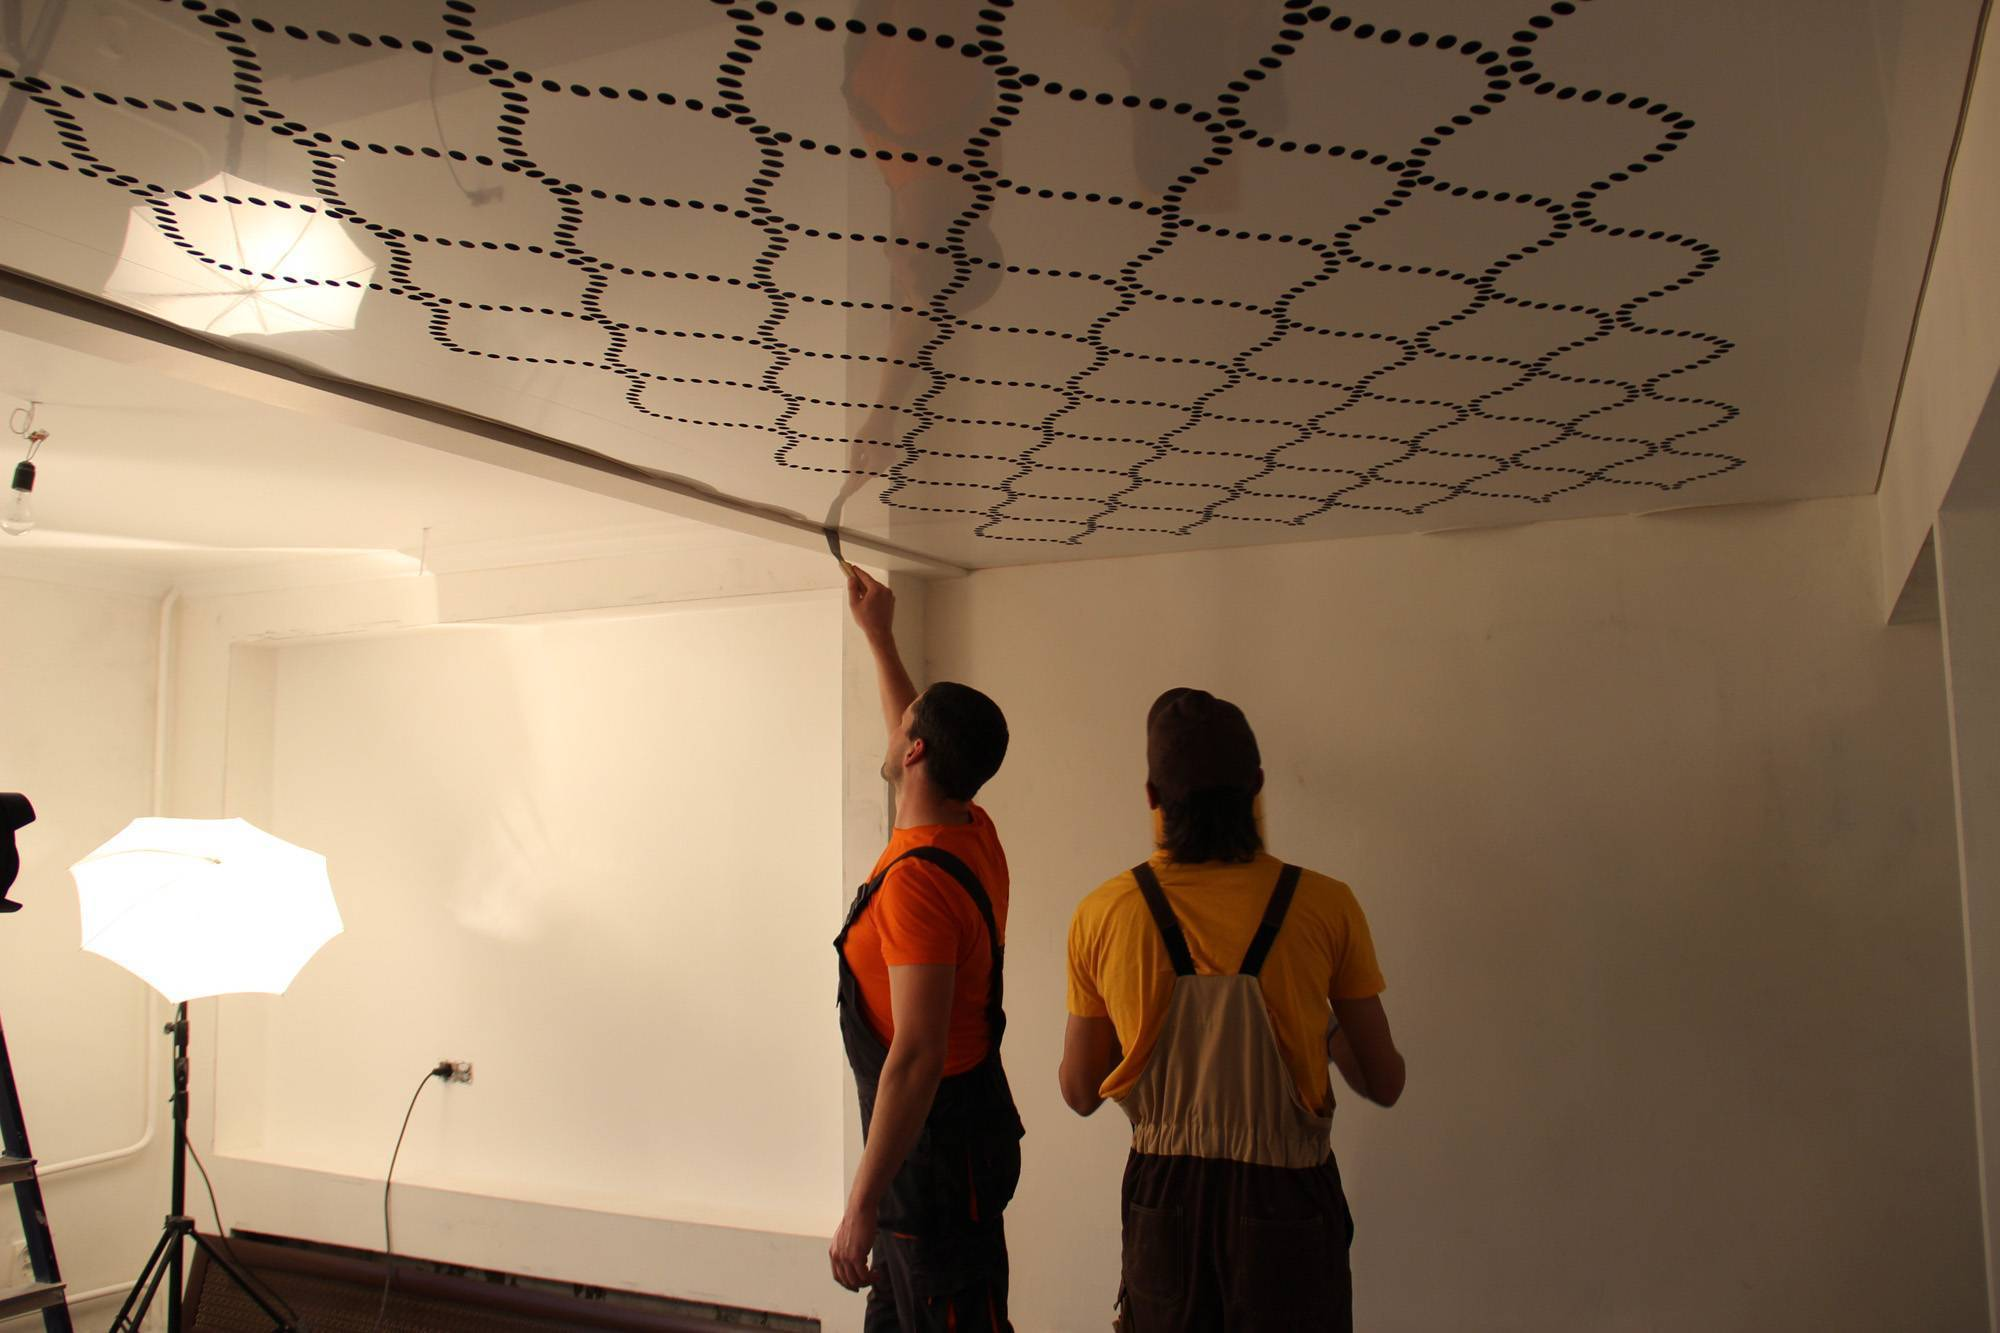 Натяжные потолки цена за 1м2 с установкой и работой, своими руками монтаж